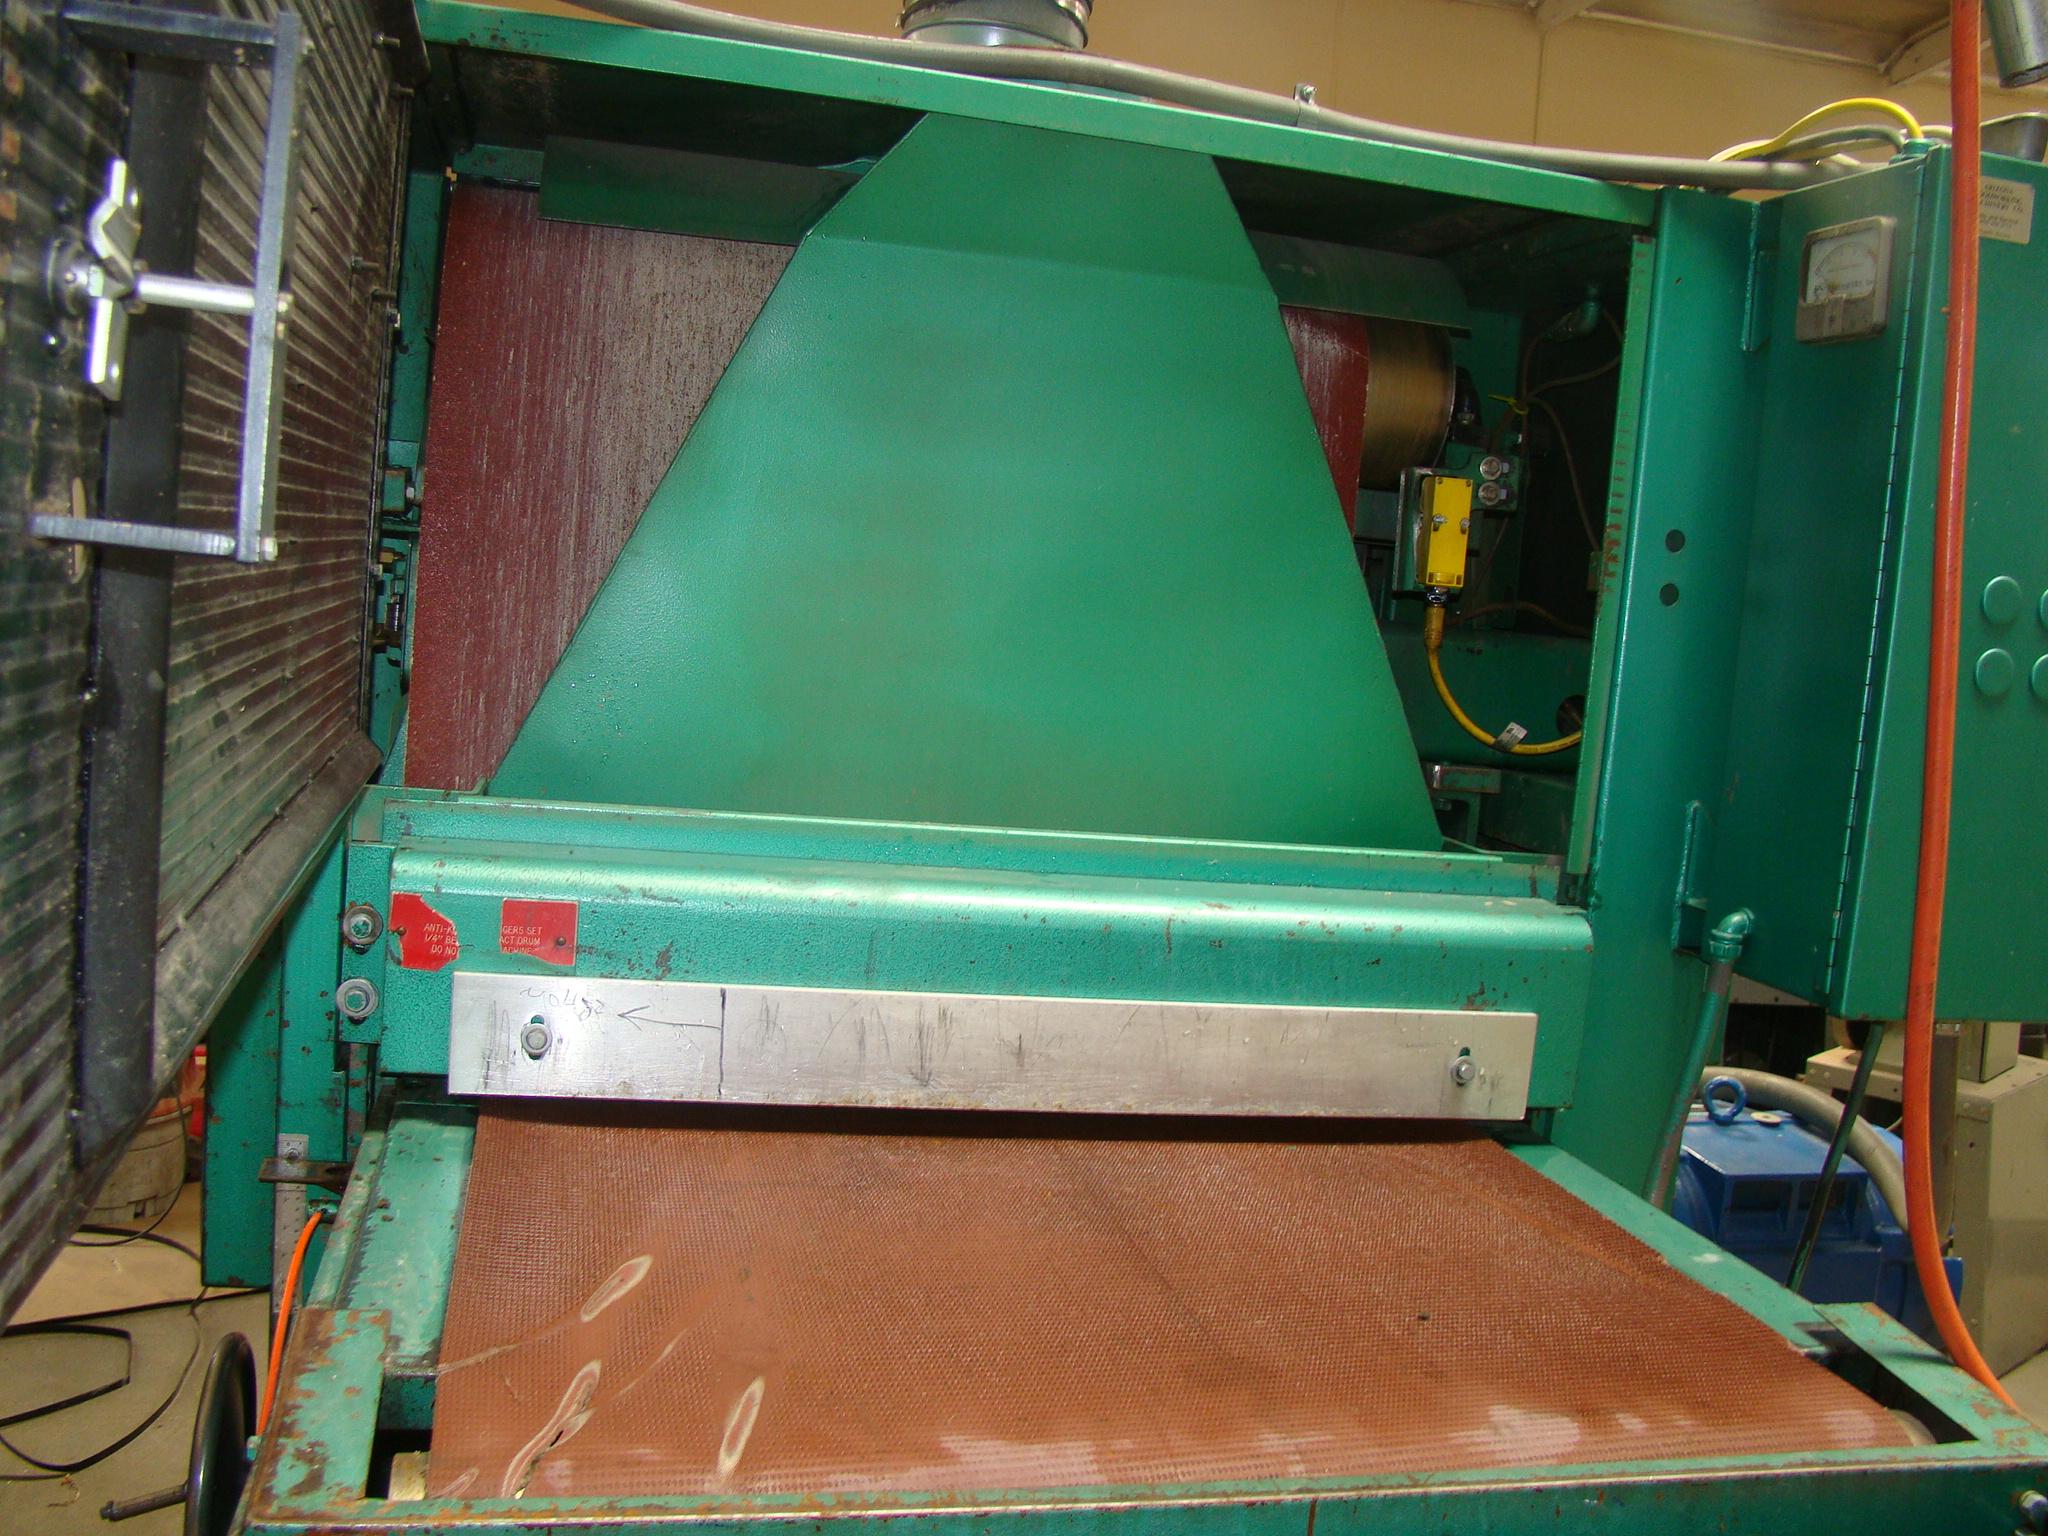 """Time Saver Speedbelt 37"""" Sander Model 237-1A 40 HP 230/460 Volt 3PH - Image 3 of 12"""